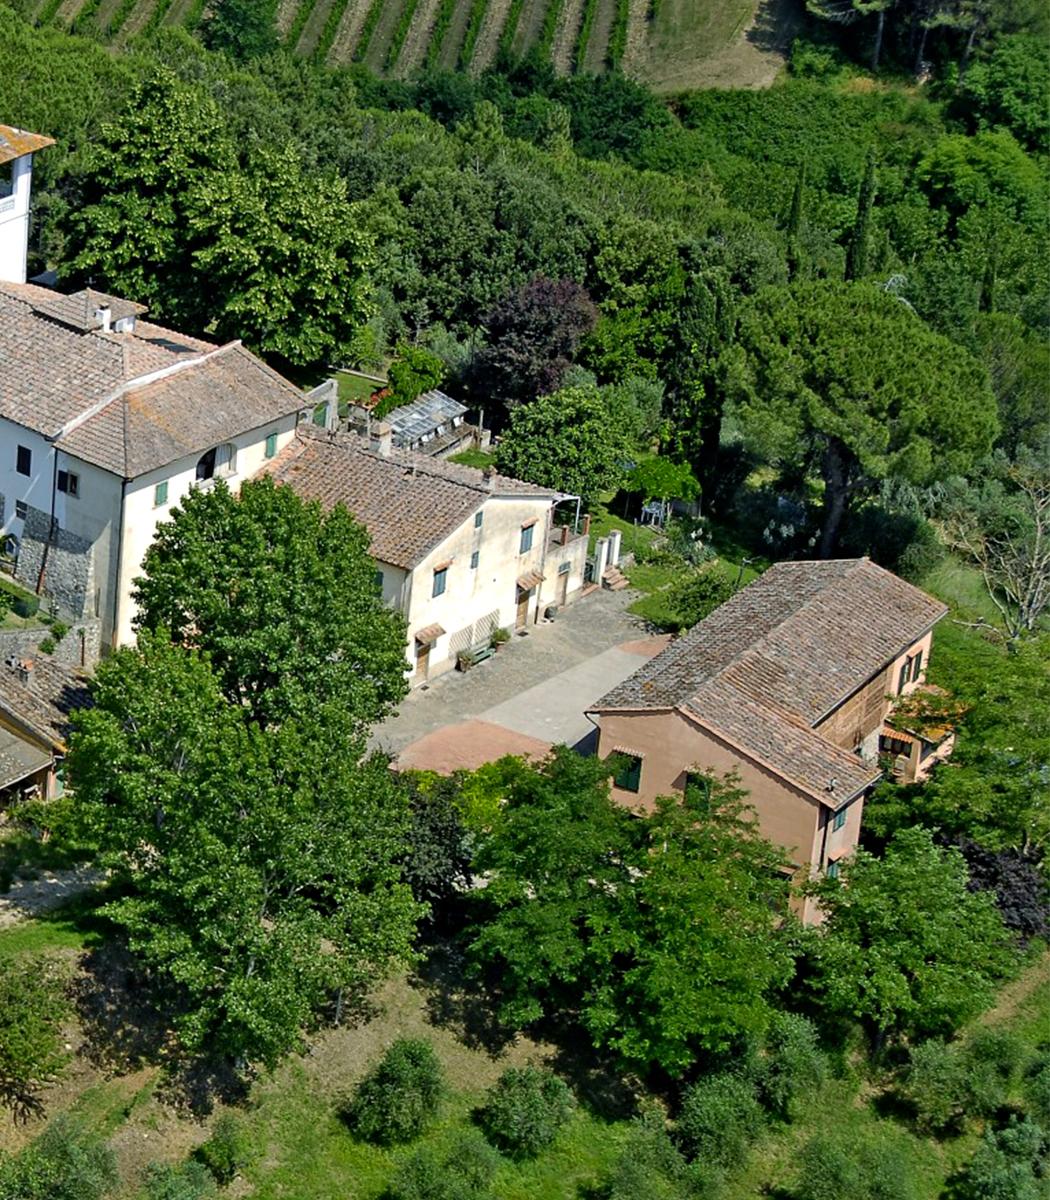 case panoramica